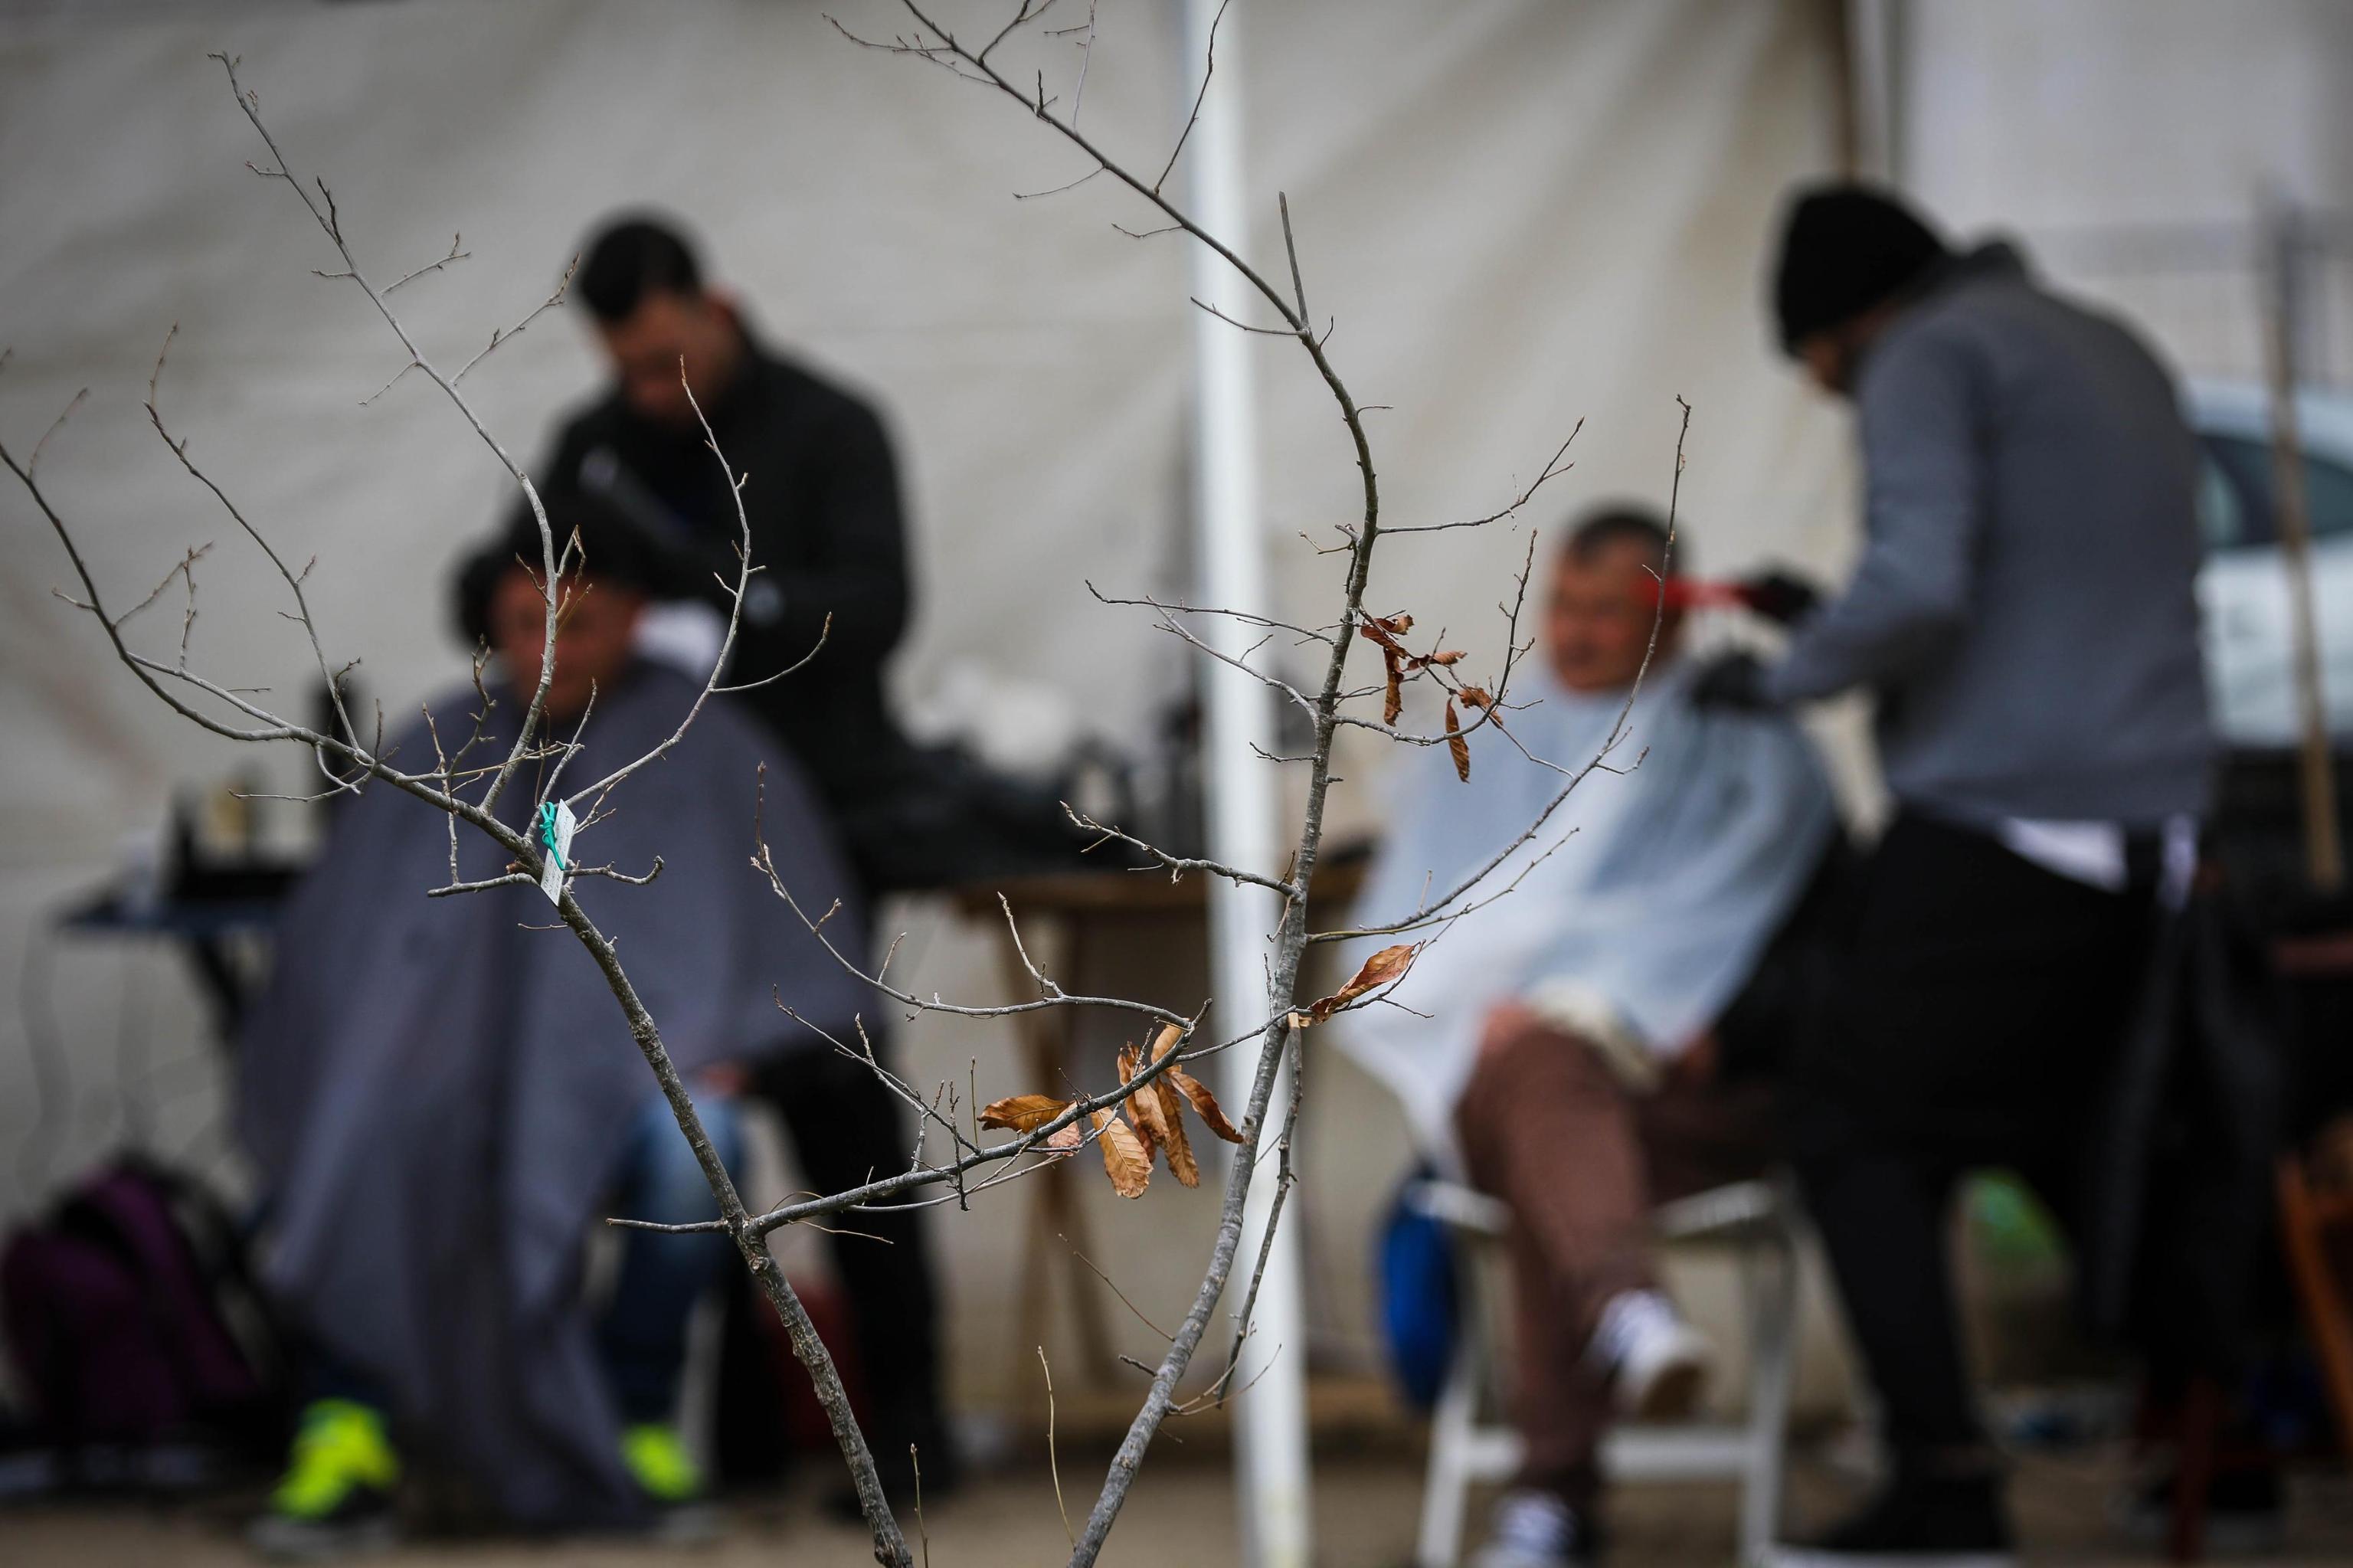 A Napoli parrucchieri per taglio povertà